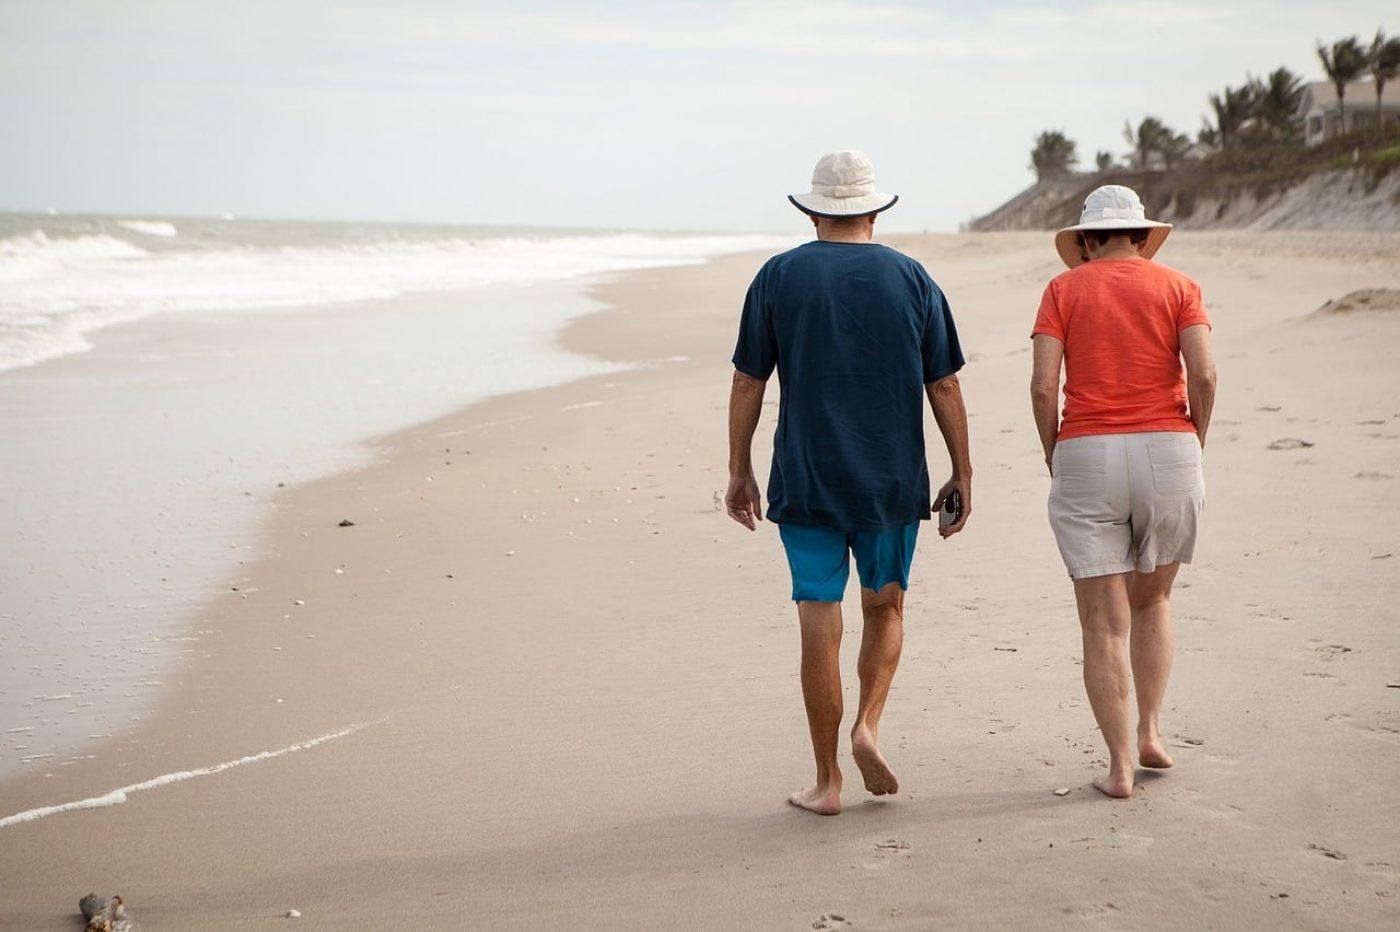 המשך עבודה לאחר גיל פרישה, האם אני יכול לקבל פנסיה וגם להמשיך לעבוד ?